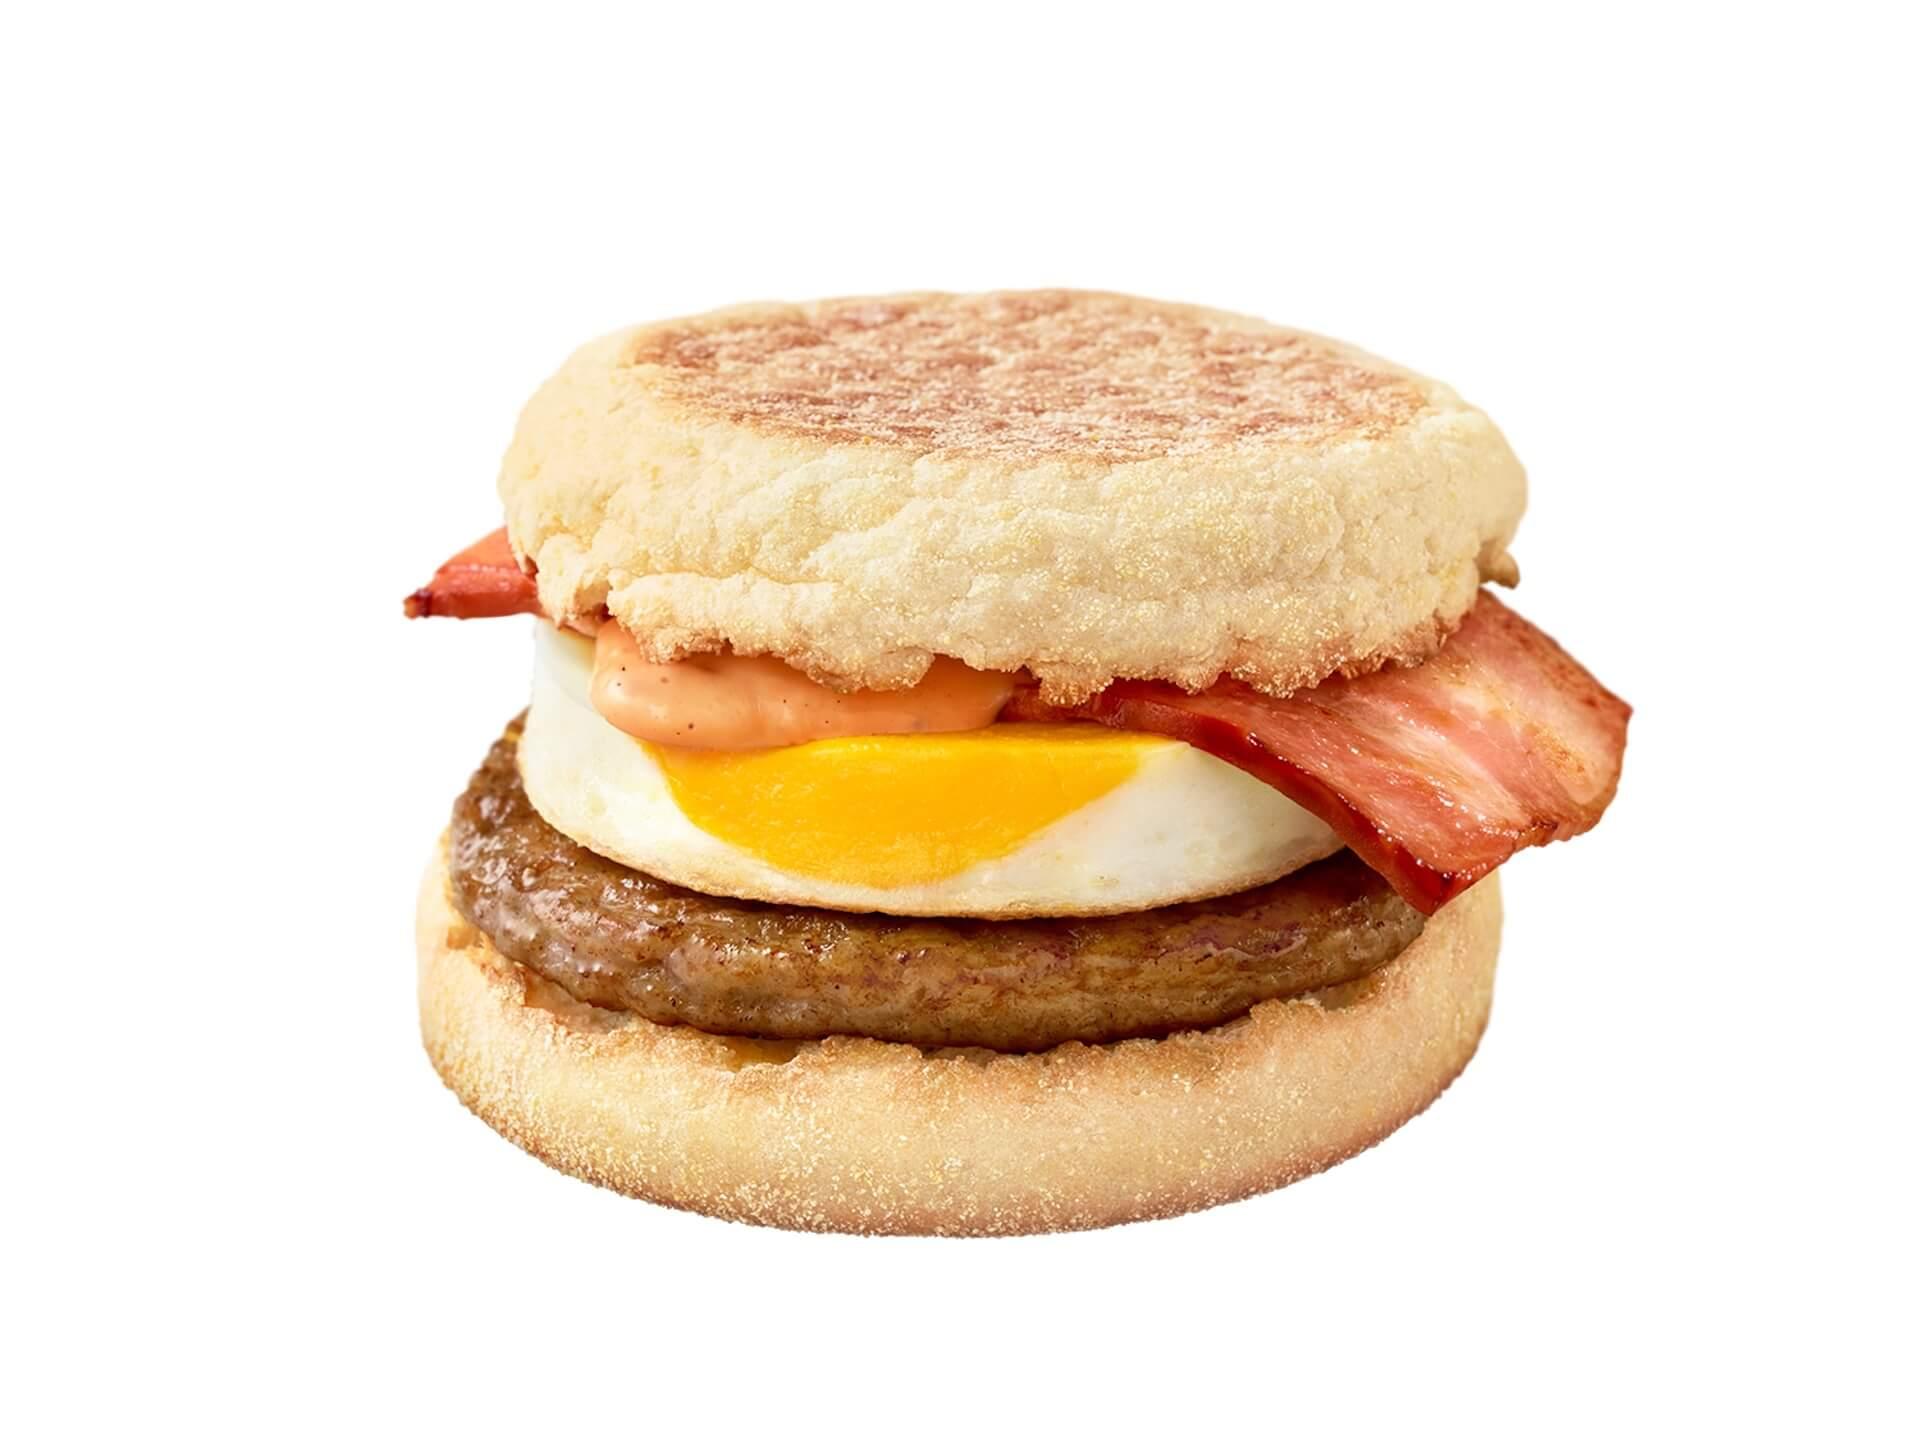 マクドナルドの定番「月見バーガー」シリーズに今年は濃厚ふわとろ月見、月見パイ、マックフルーリー月見が登場! gourmet200826_mcdonald_tsukimi_8